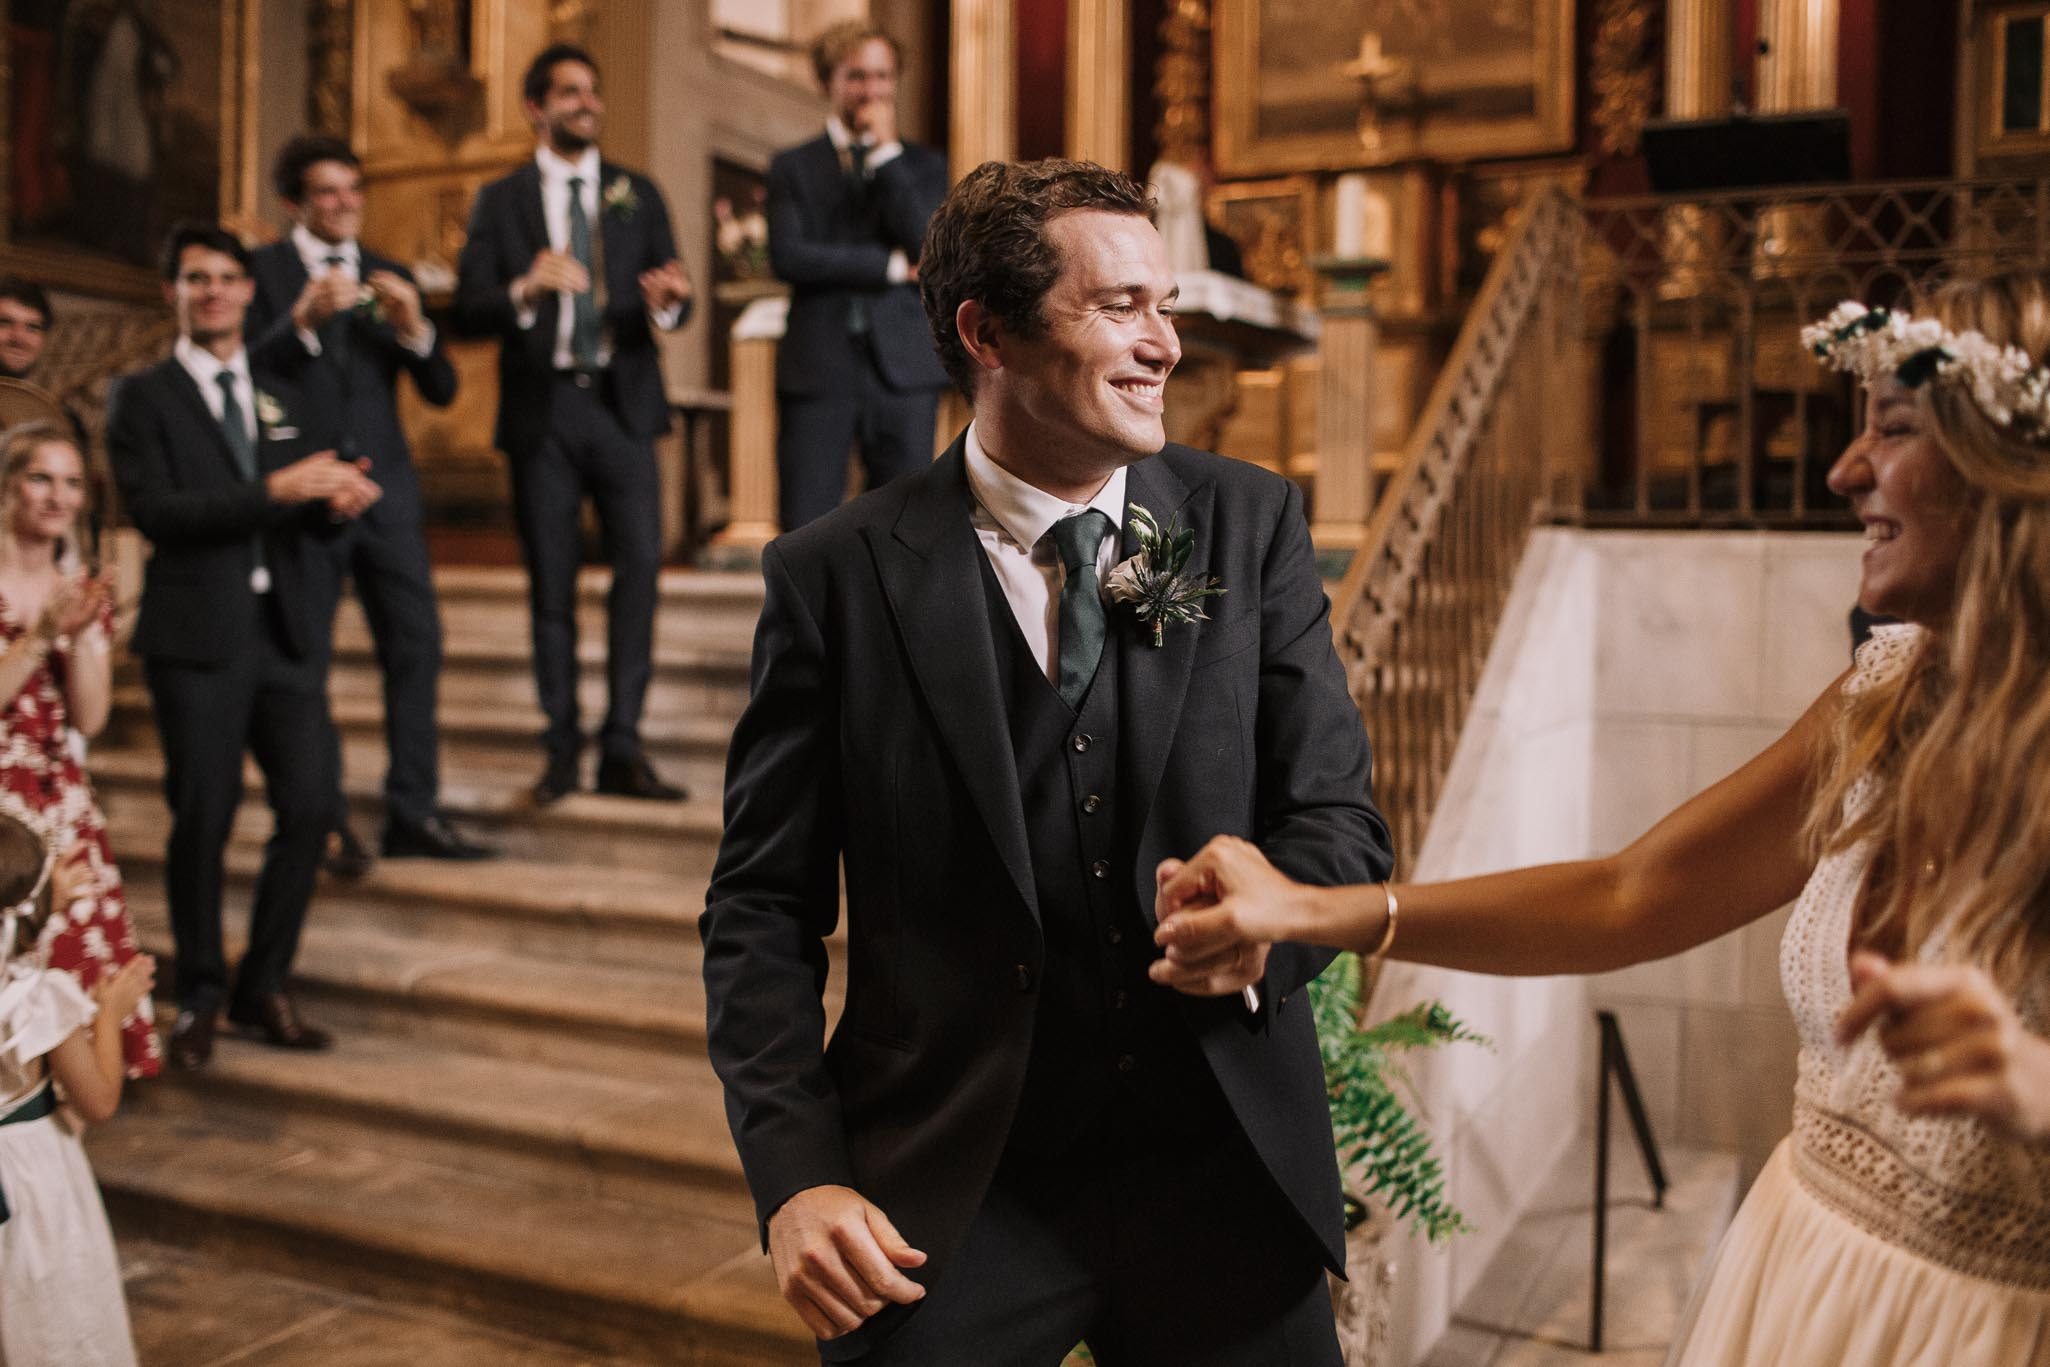 Photographe-mariage-bordeaux-jeremy-boyer-pays-basque-ihartze-artea-sare-robe-eleonore-pauc-couple-amour-74.jpg